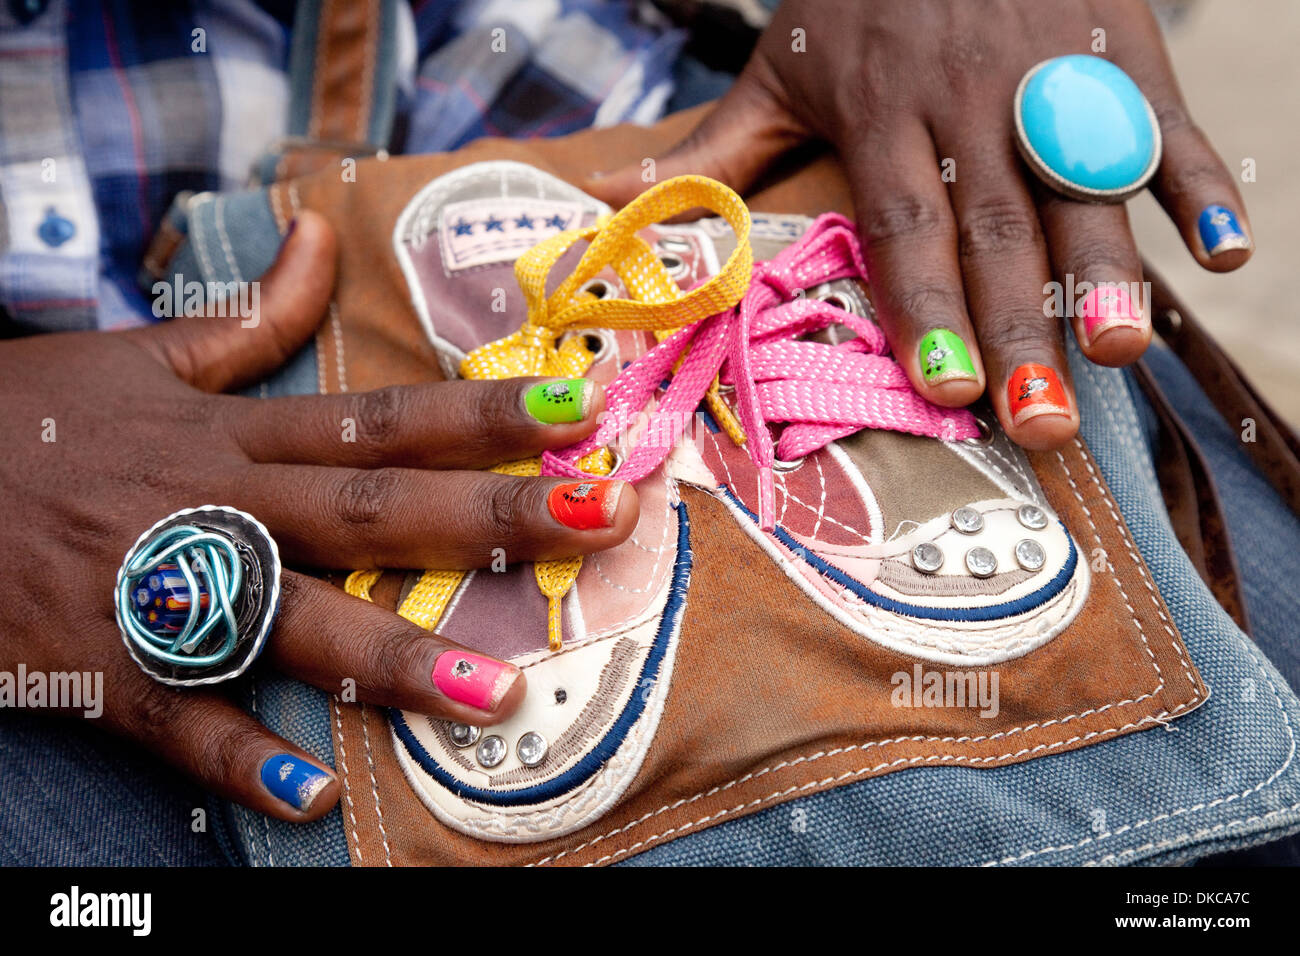 Kubanische Frau zeigt ihre bunt bemalten Nägel und Ringe, Havanna ...